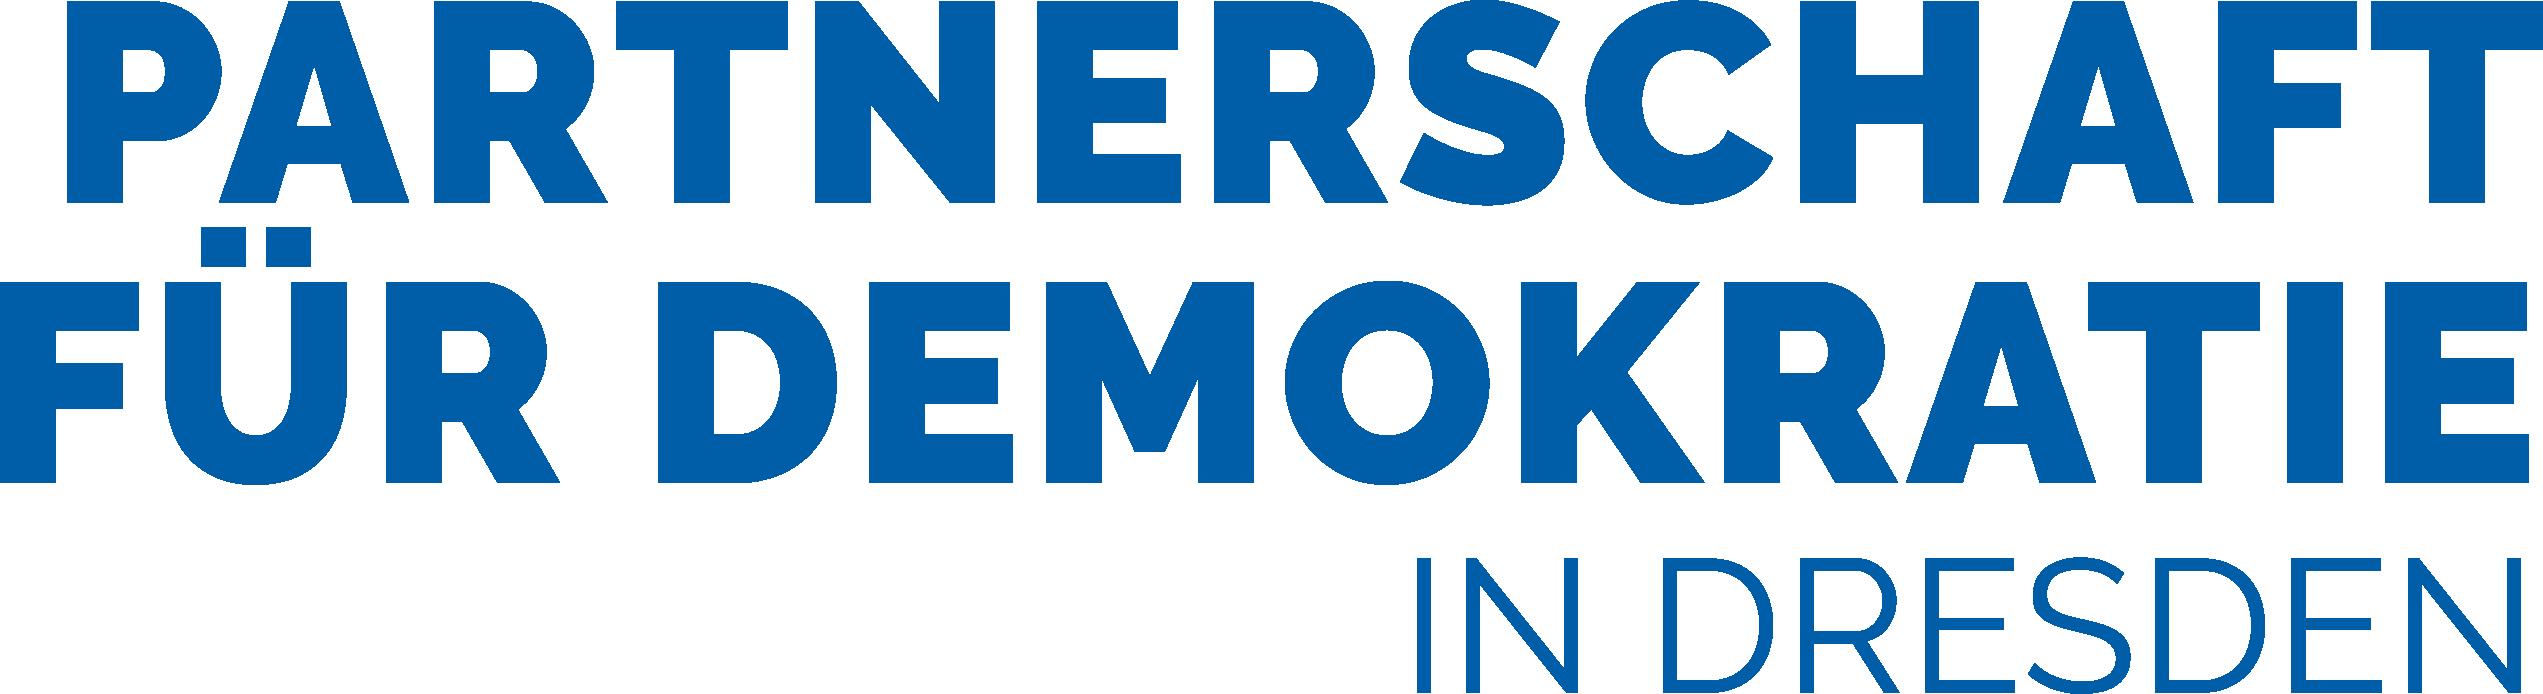 Partnerschaft für Demokratie in Dresden